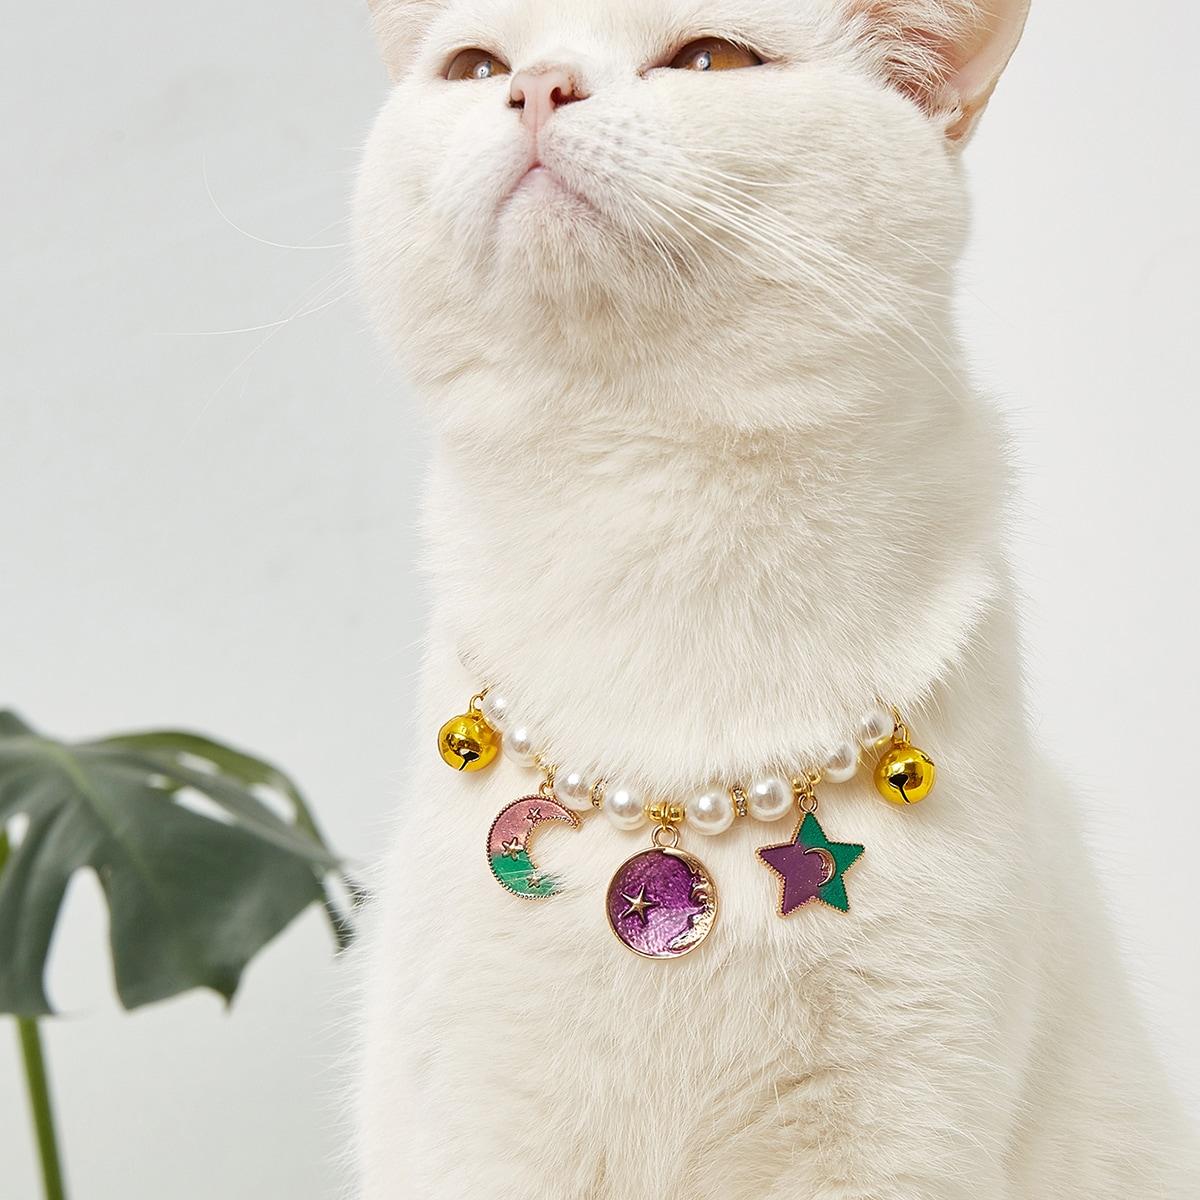 Halskette mit Kuntperle Dekor für Haustier